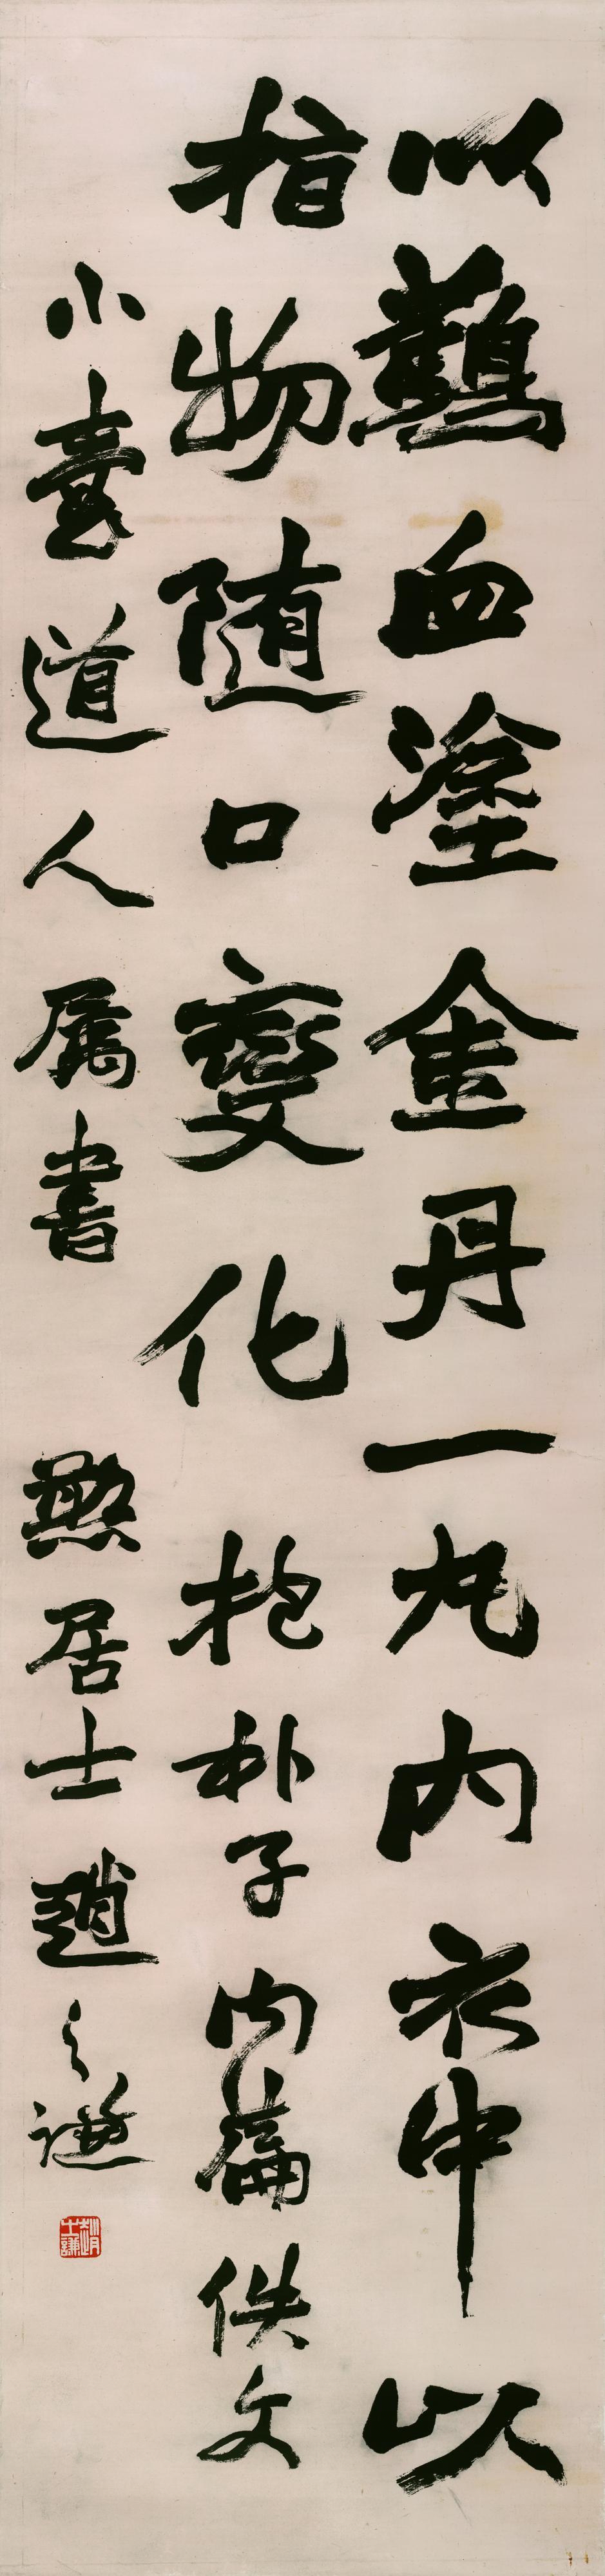 73-清-赵之谦-行楷抱朴子内篇佚文